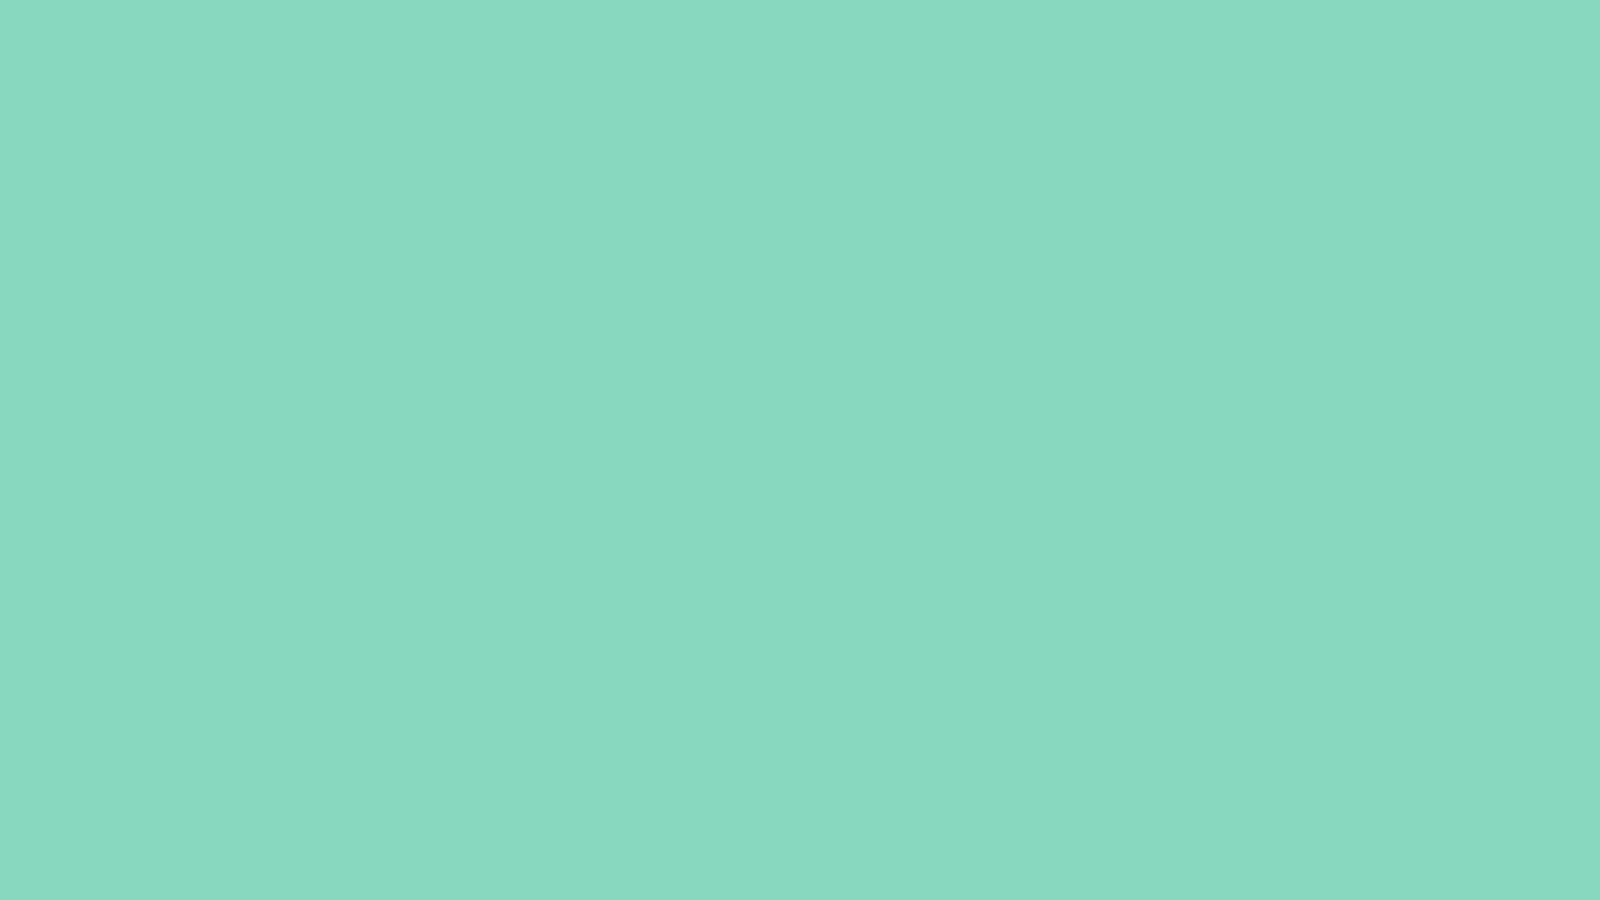 1600x900 Pearl Aqua Solid Color Background